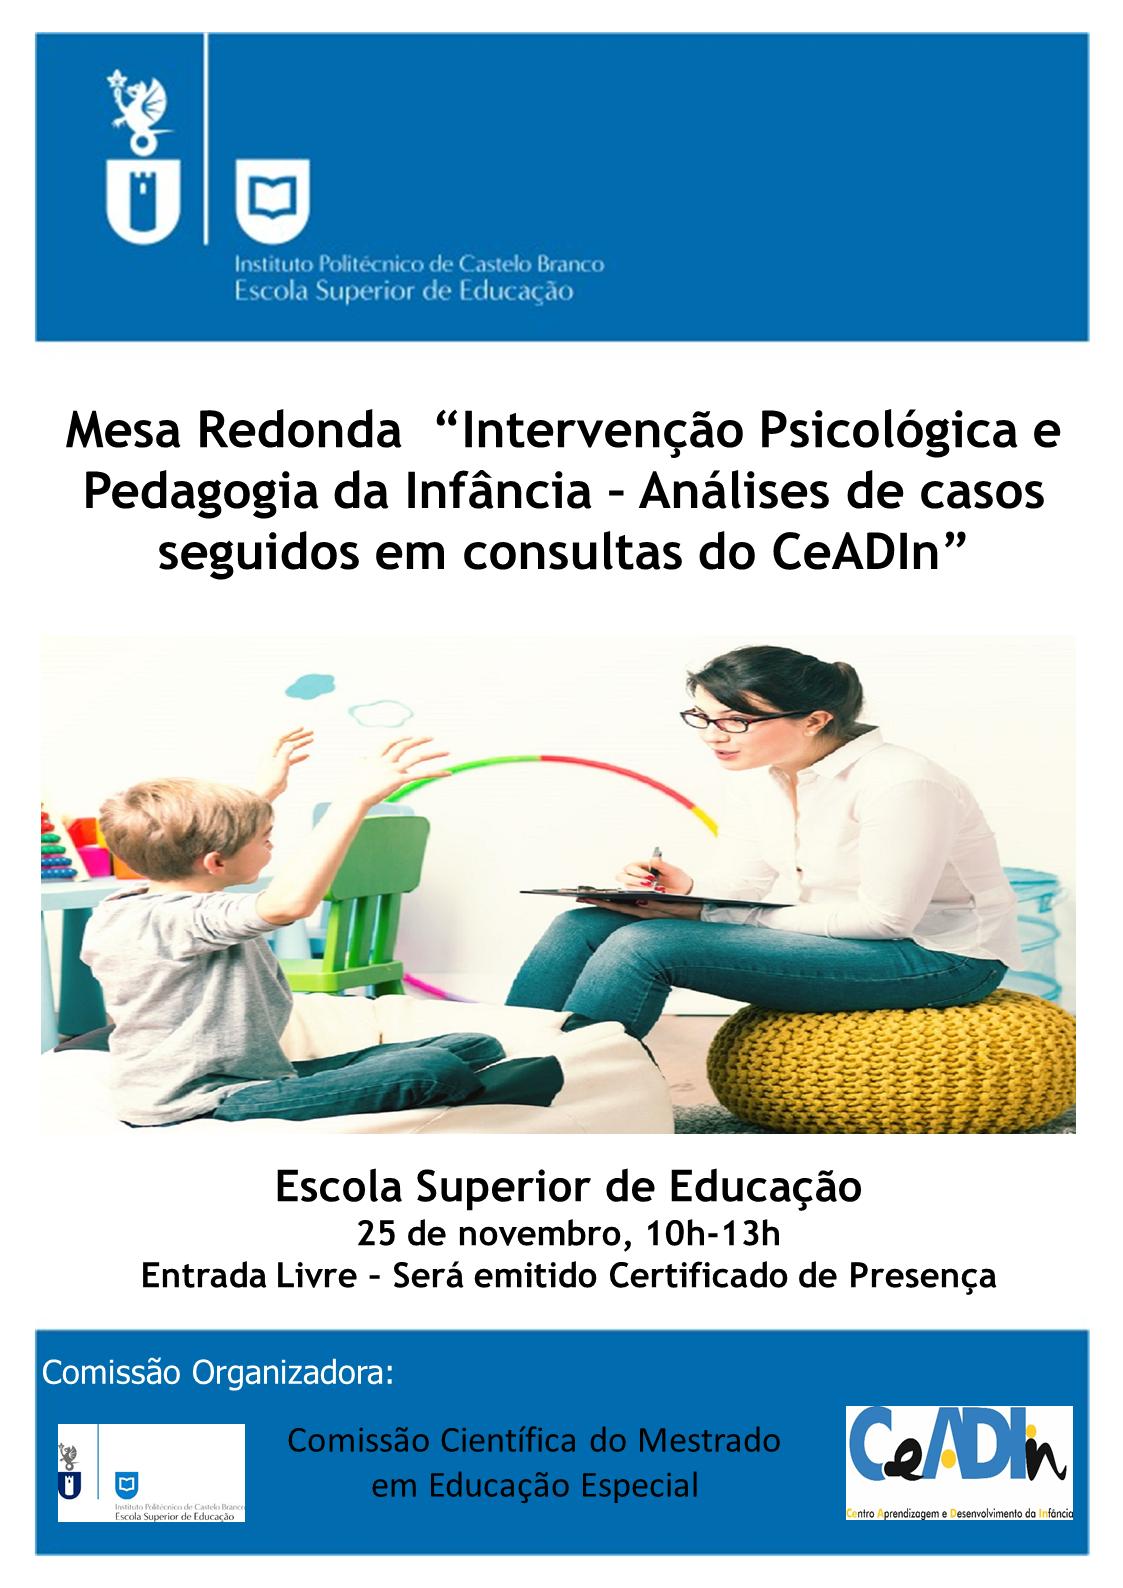 """Castelo Branco: CeADIn organiza mesa Redonda """"Intervenção Psicológica e Pedagogia da Infância"""""""